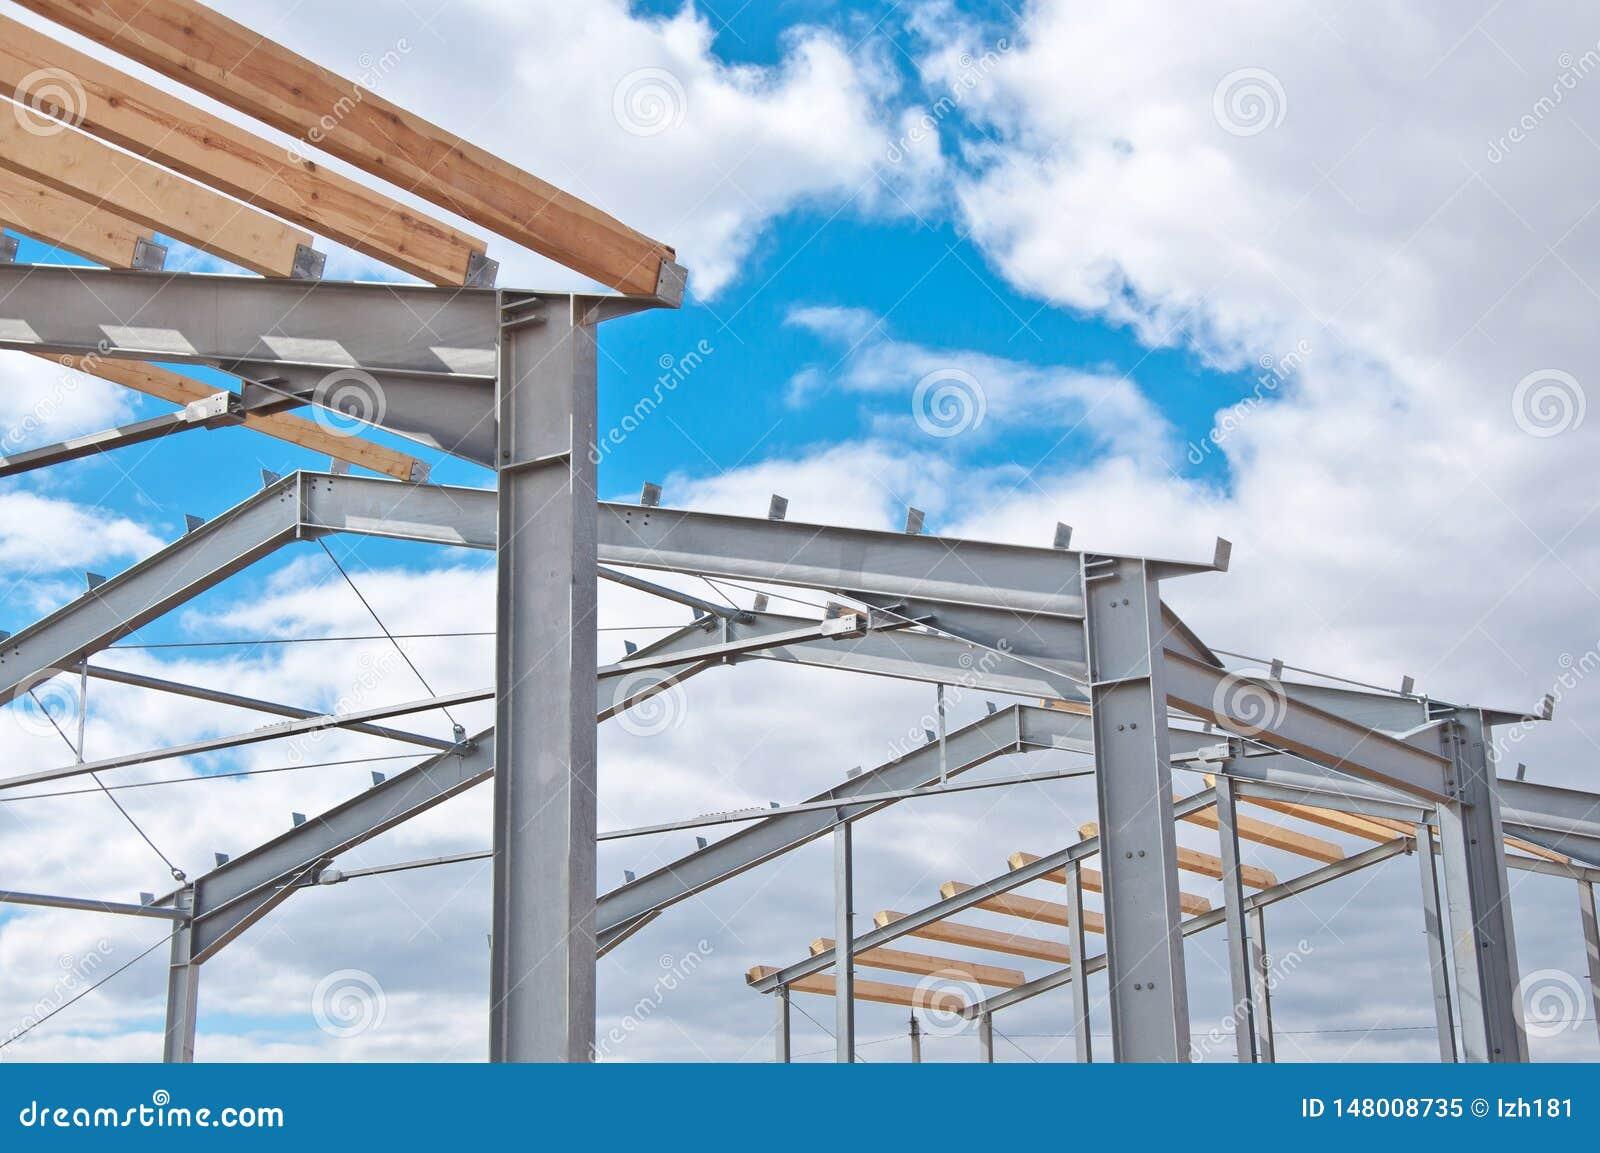 Quadro do metal da constru??o nova contra o c?u azul com nuvens